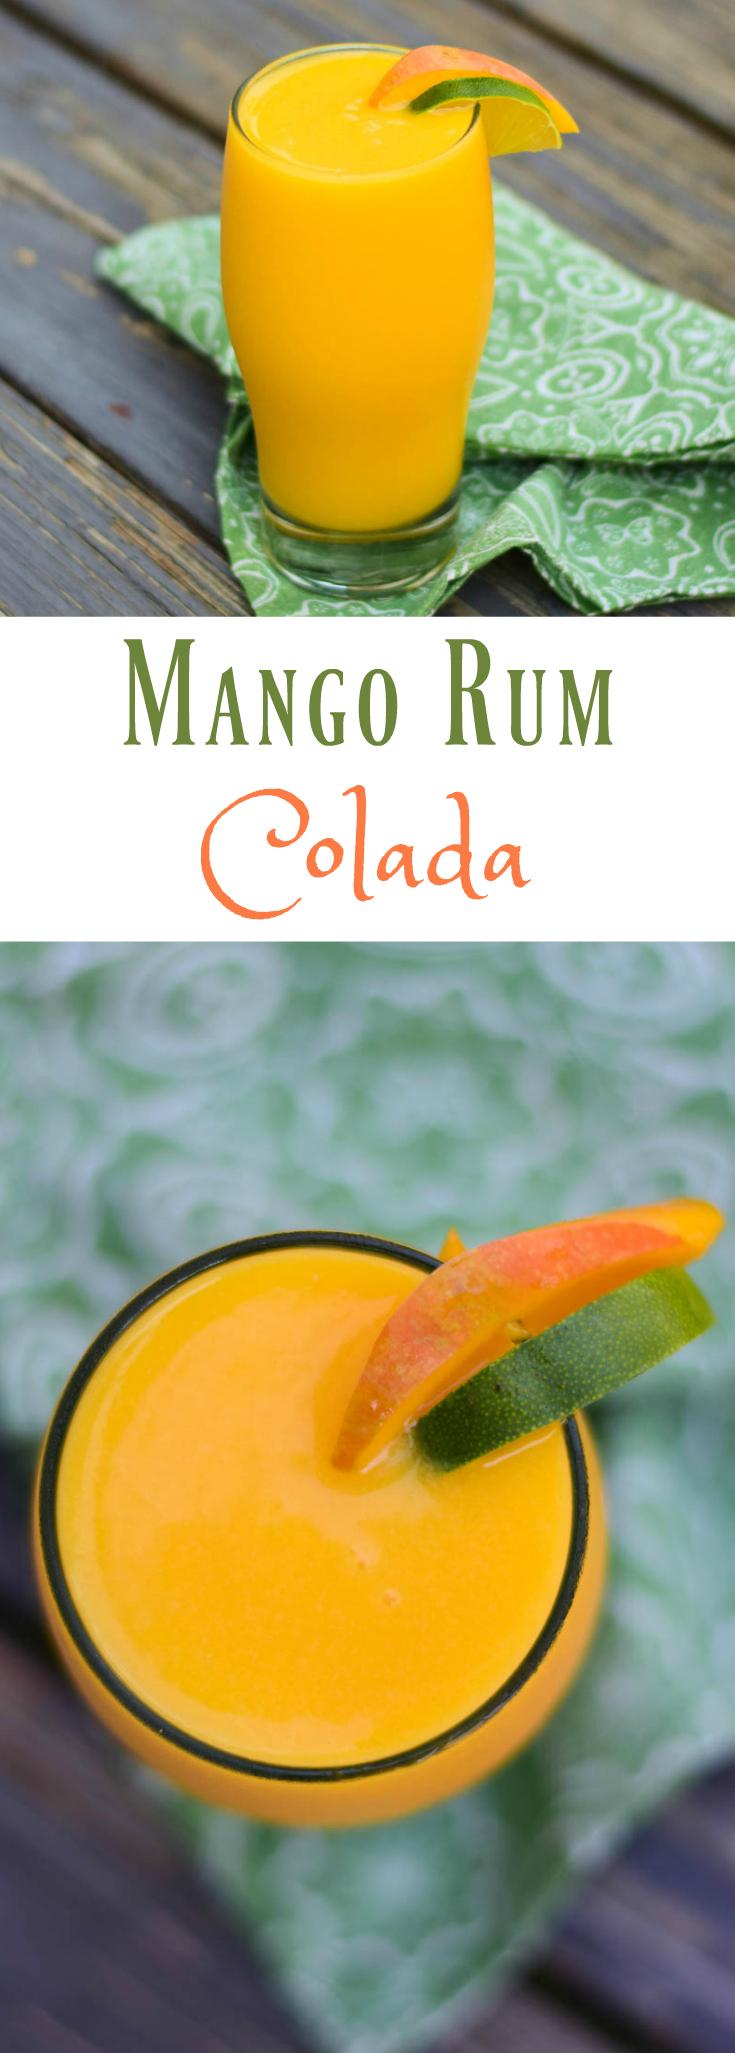 Mango Rum Colada Pinterest